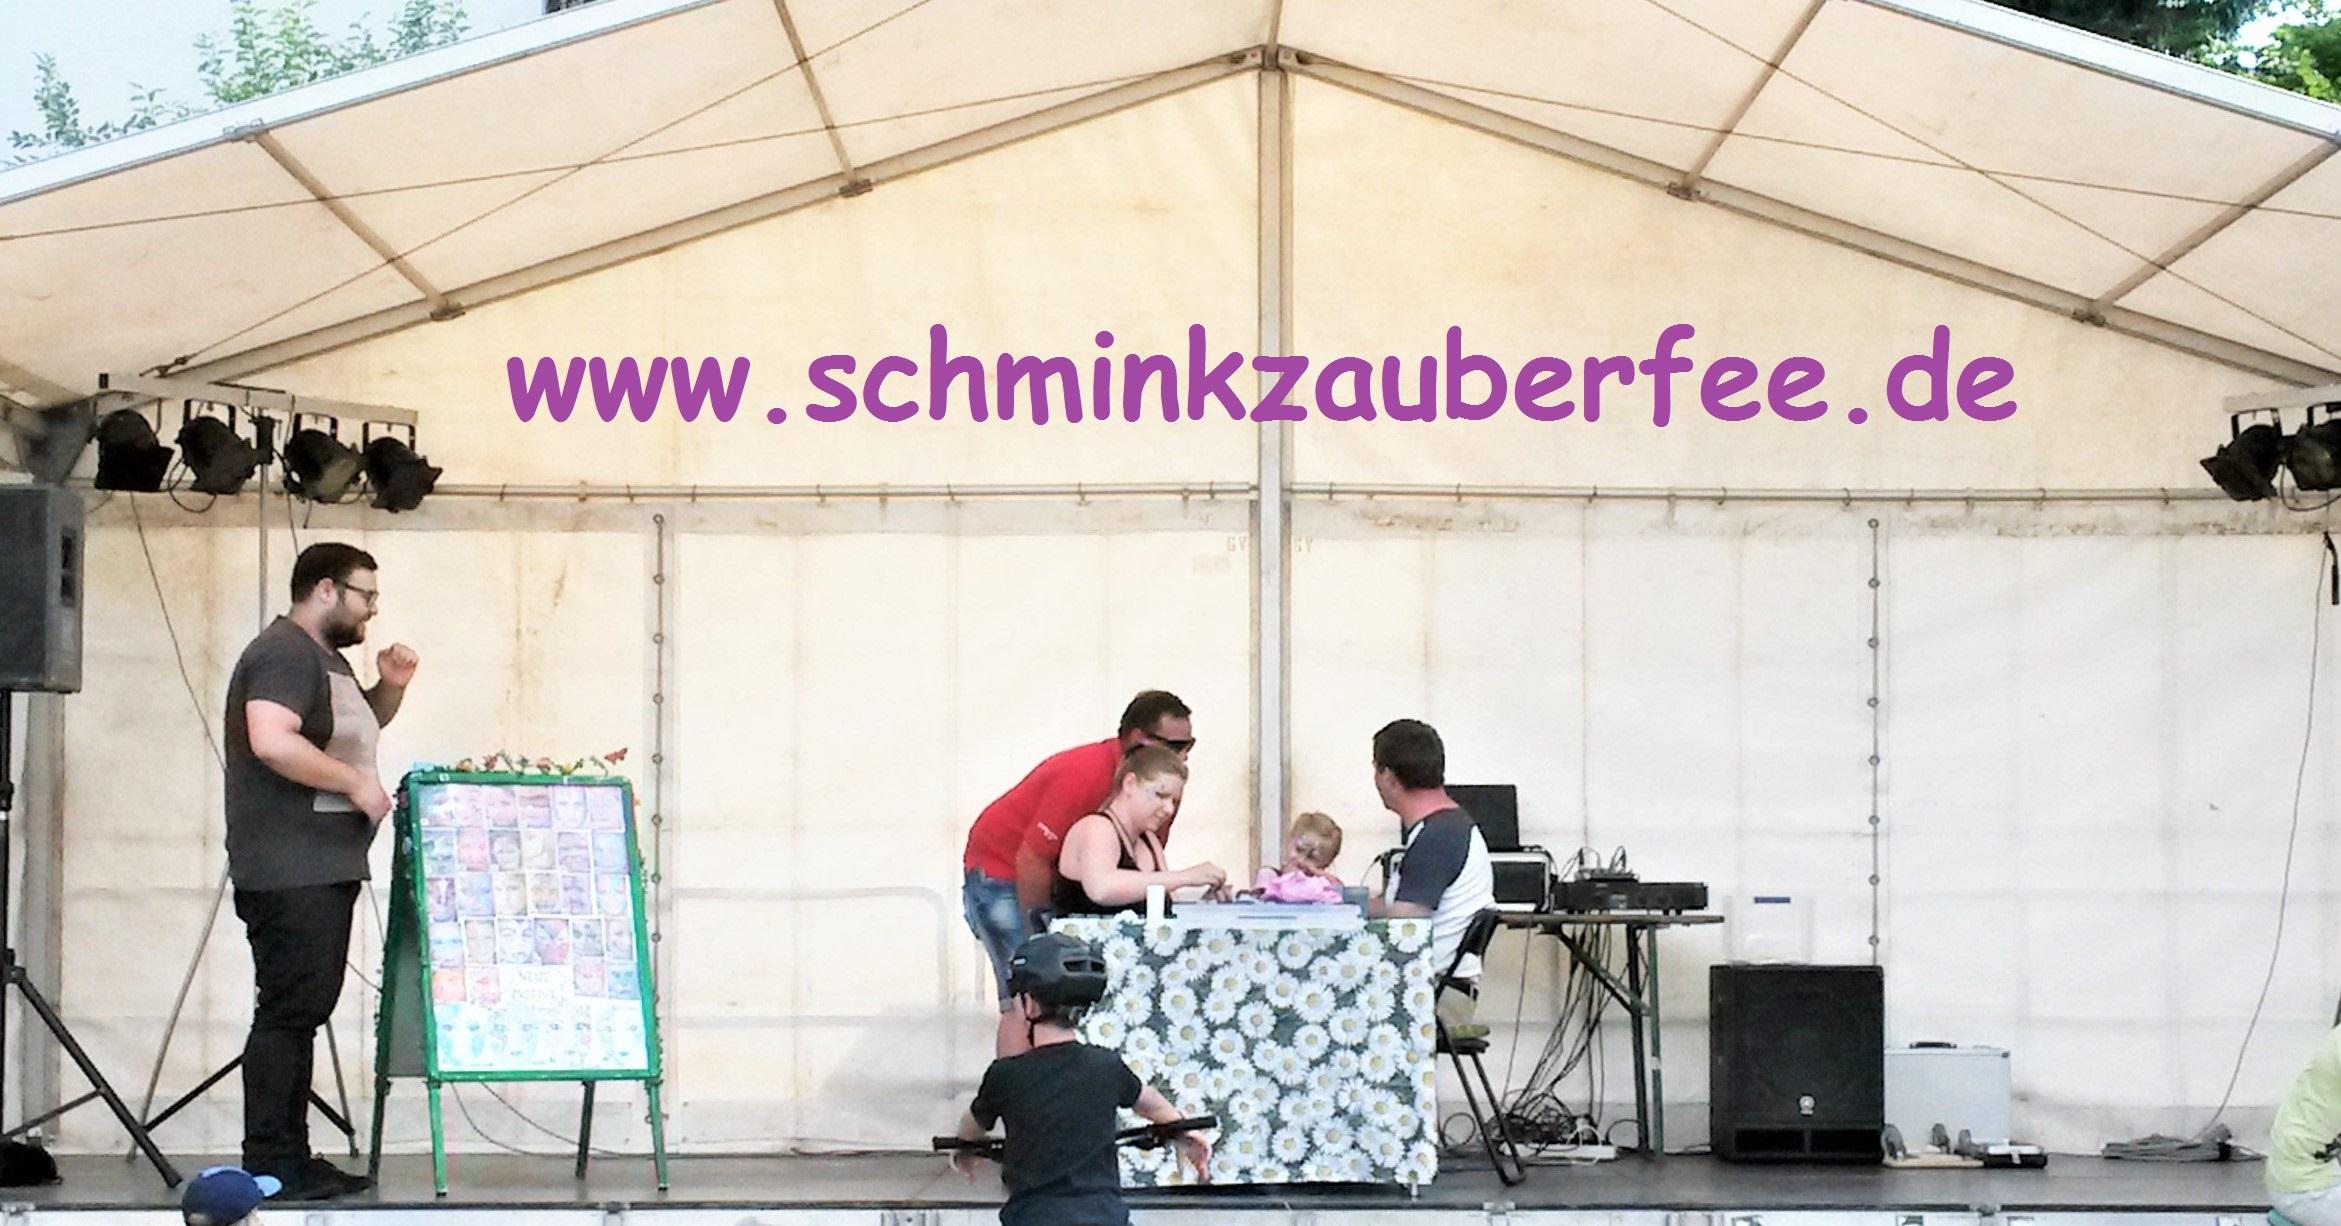 Live-Schminkaktion für Radio Homburg / Pirmasens / Neunkirchen anlässlich einer Verlosung auf dem Dorffest in Ottweiler Steinbach 2017